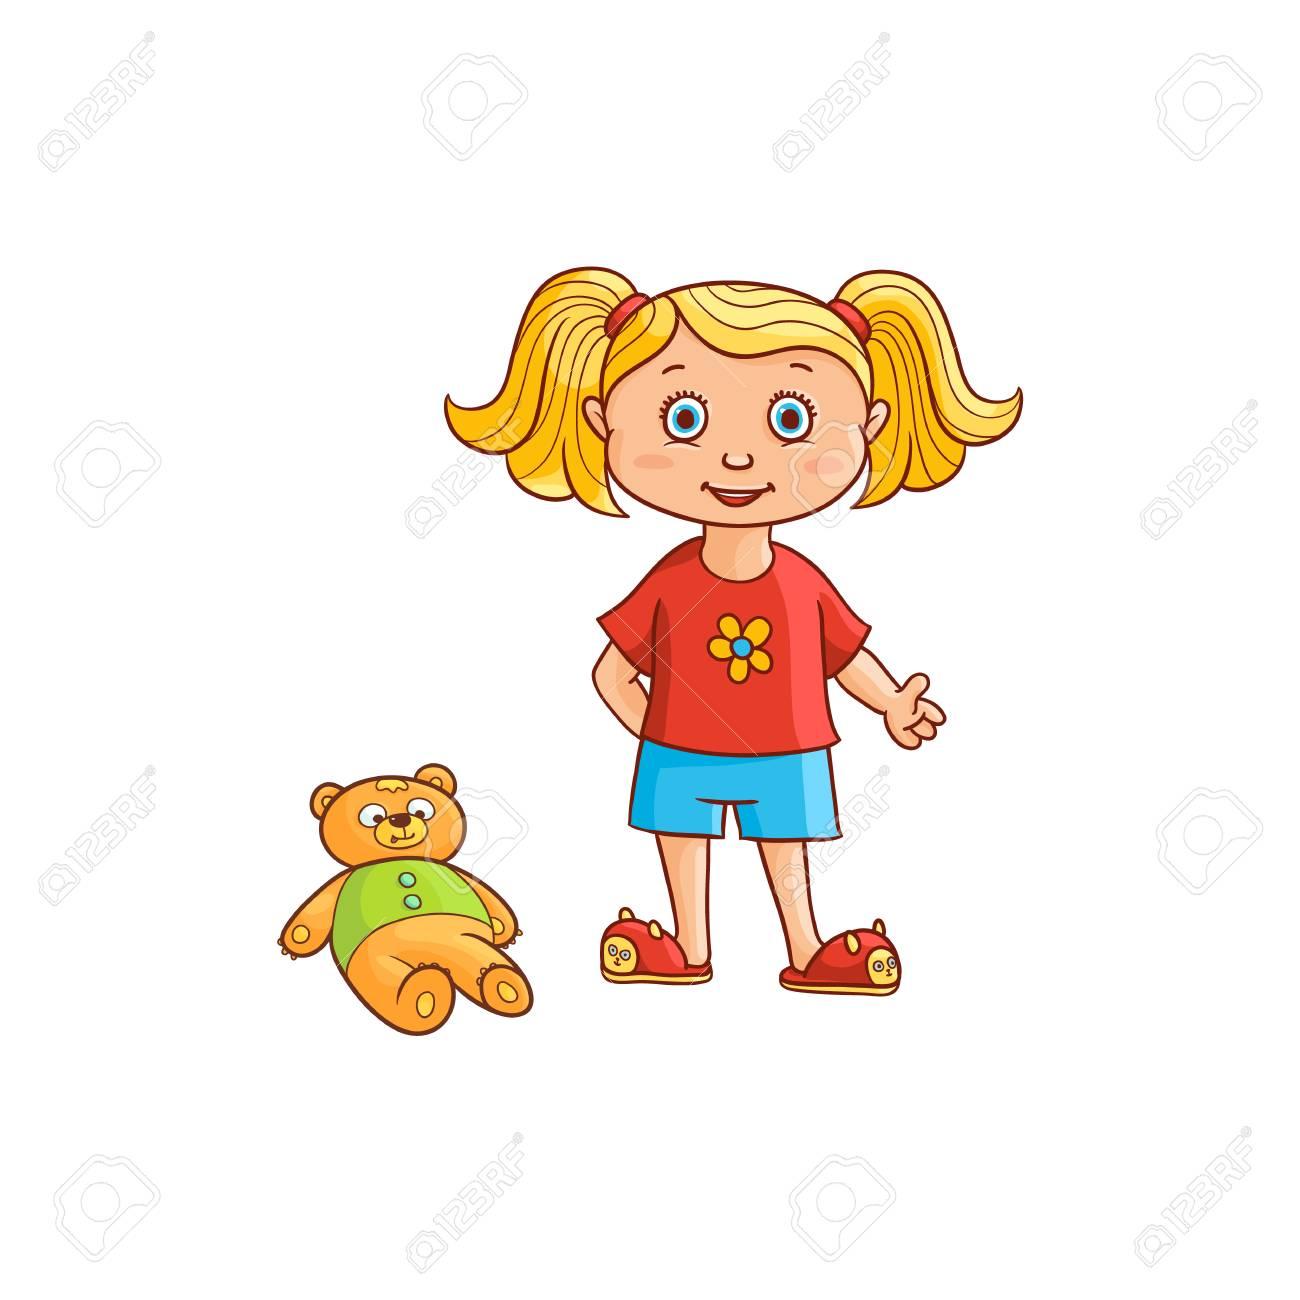 Vecteur Plat Dessin Animé Fille Mignonne Enfant Enfant Avec Des Nattes En Vêtements Drôles Et Pantoufles De Chat Avec Ourson Près Illustration Isolée